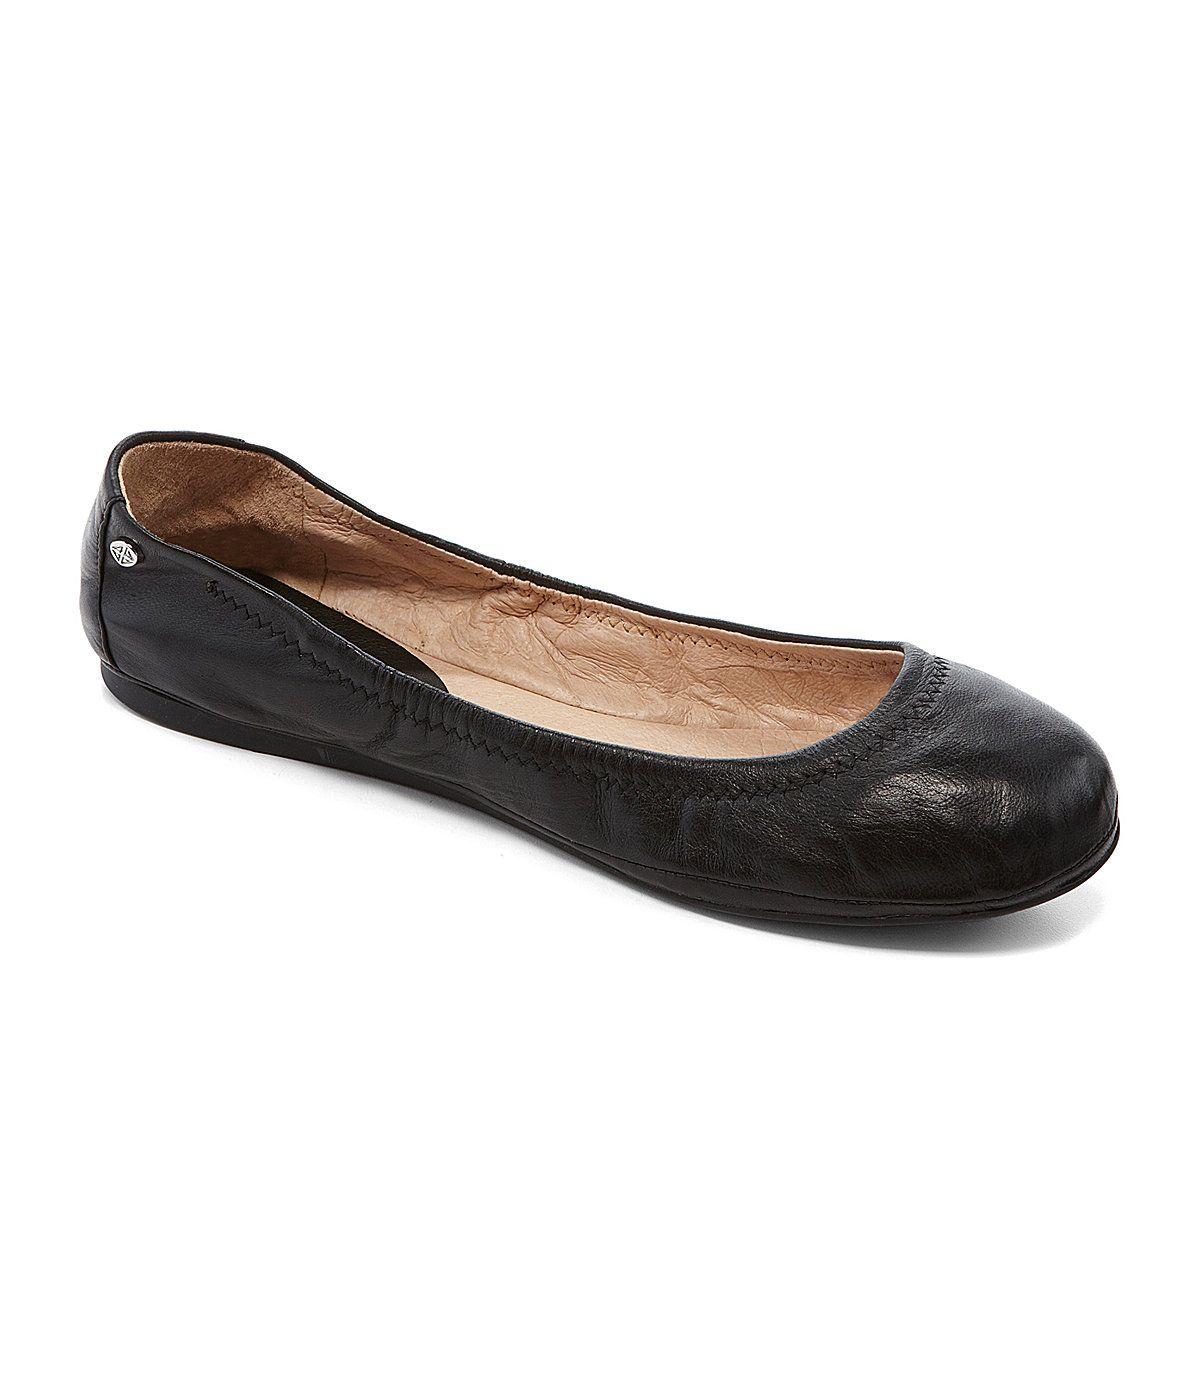 c233c4a2c36 Antonio Melani Prima Leather Flats